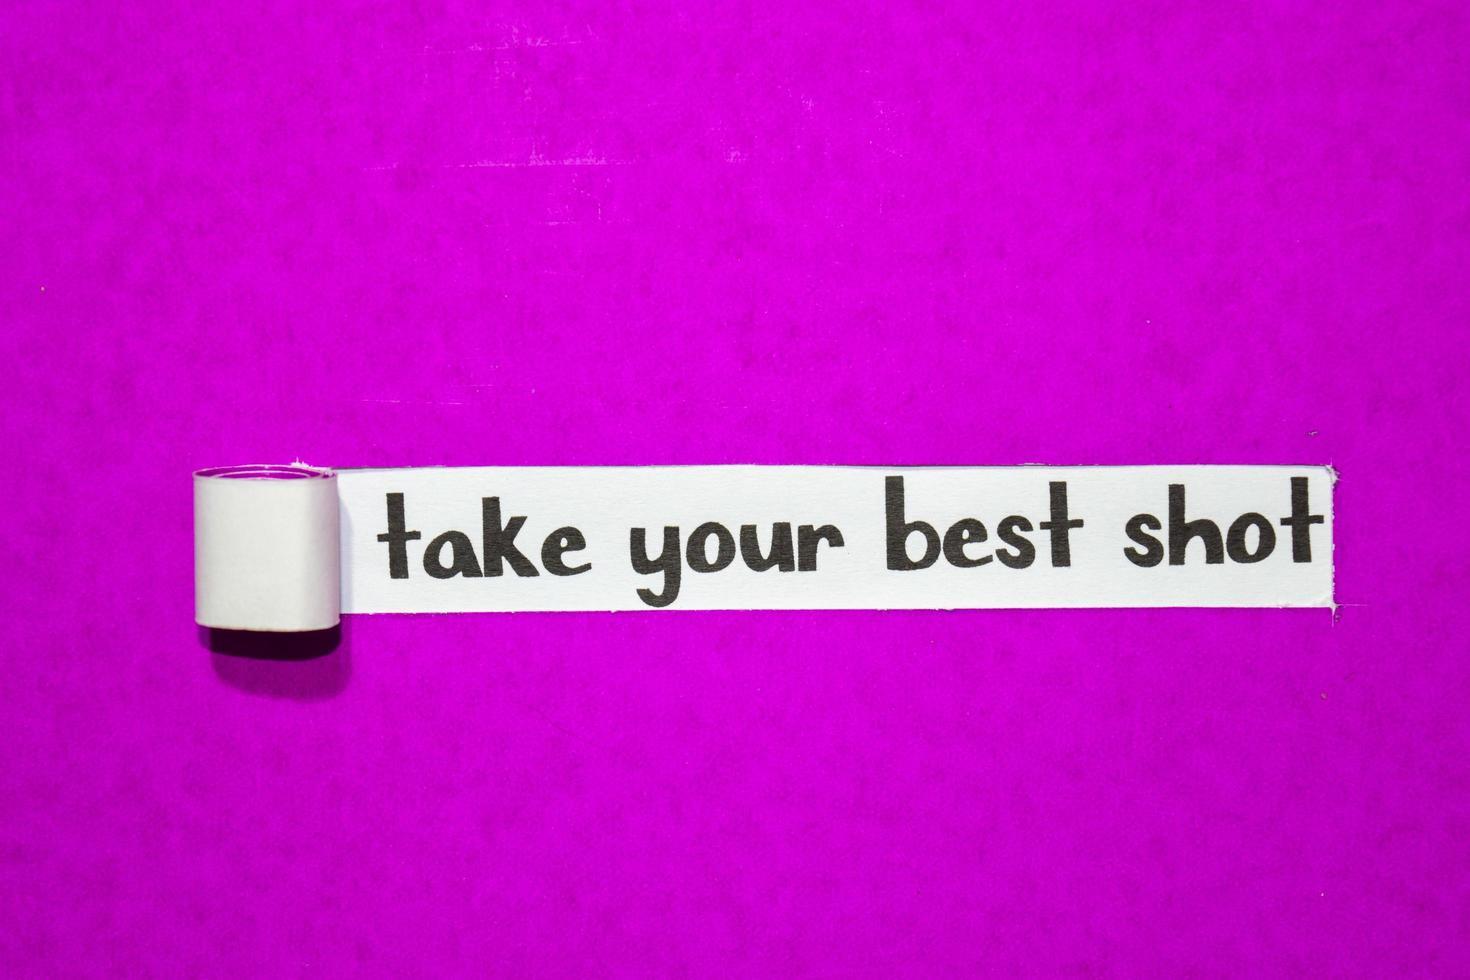 neem je best geschoten tekst, inspiratie, motivatie en bedrijfsconcept op paars gescheurd papier foto